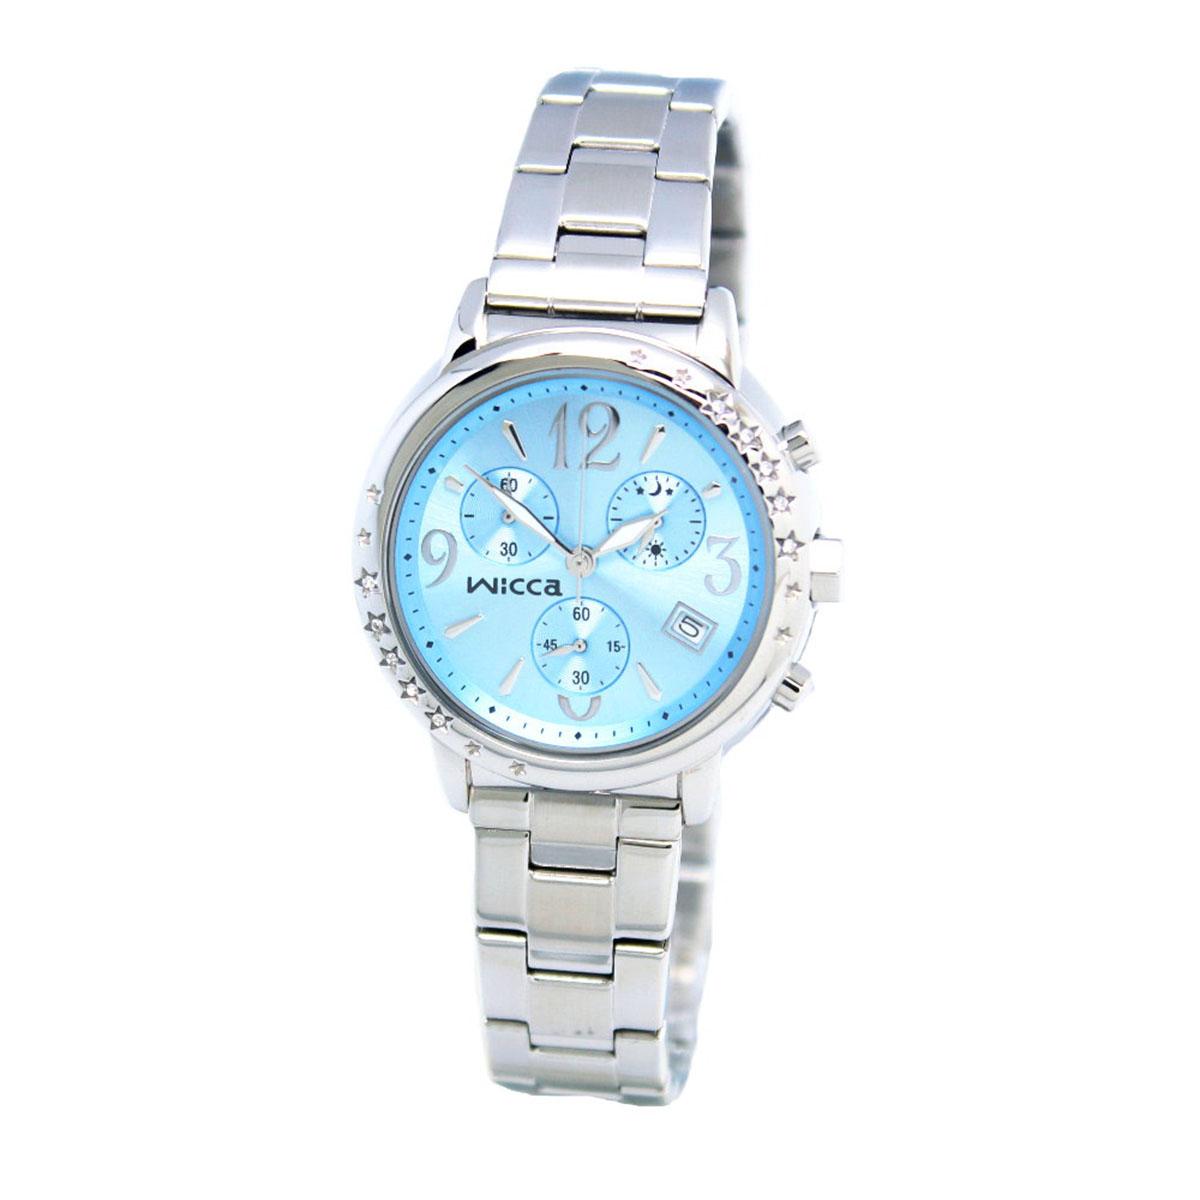 นาฬิกาผู้หญิง Citizen รุ่น BM1-113-71, Casual Chrono Analog Silver Watch